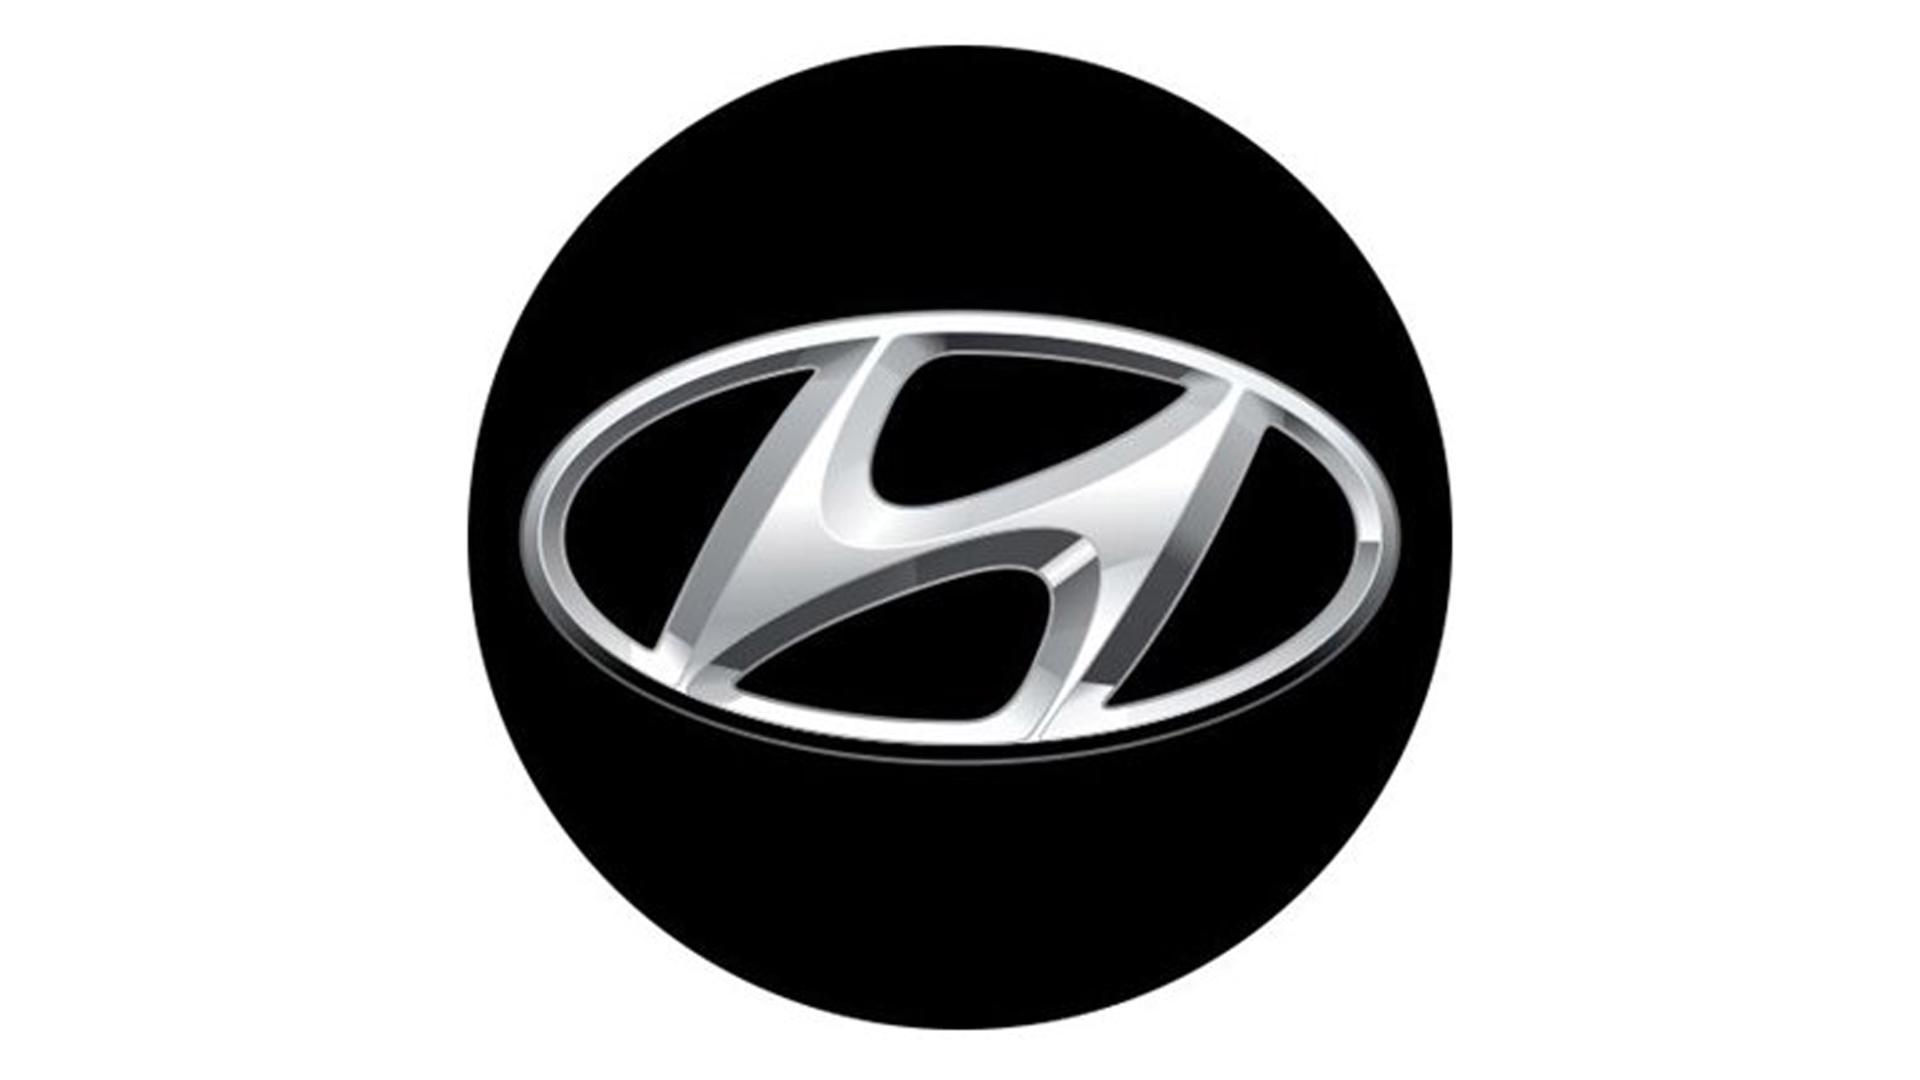 4CARS 3D CAR LOGO HYUNDAI